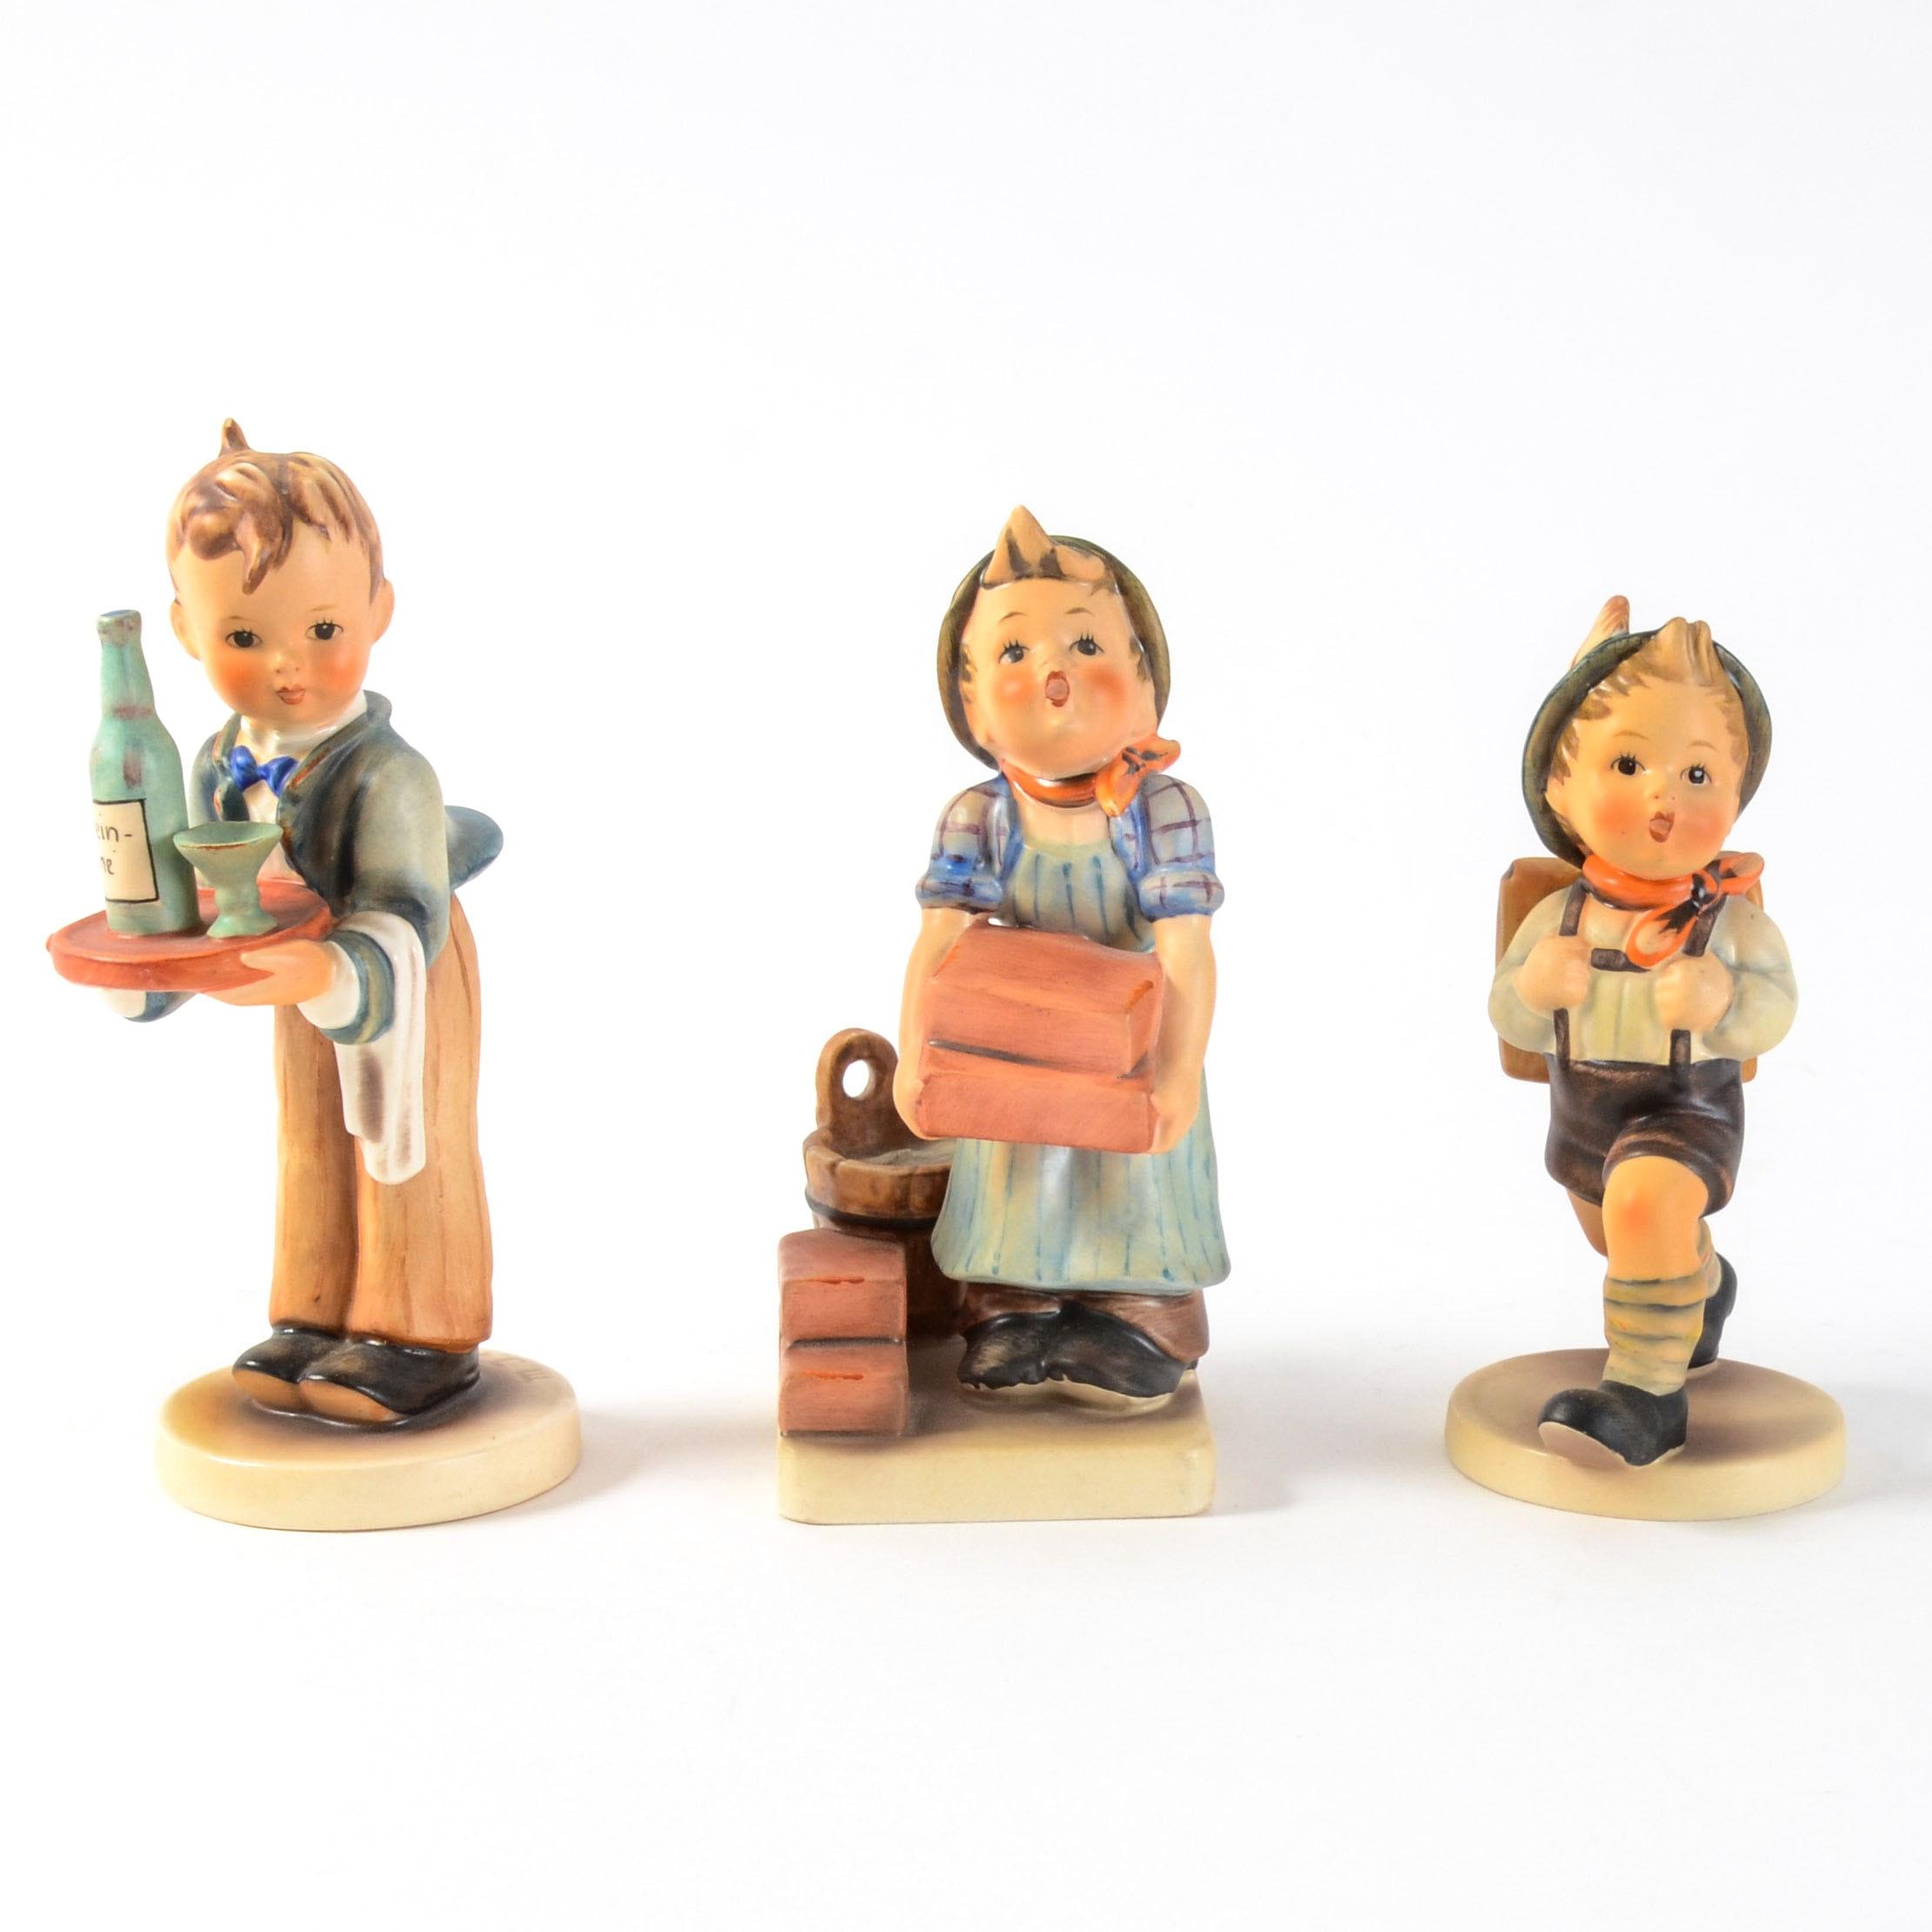 1960s–70s Goebel Hummel Figurines